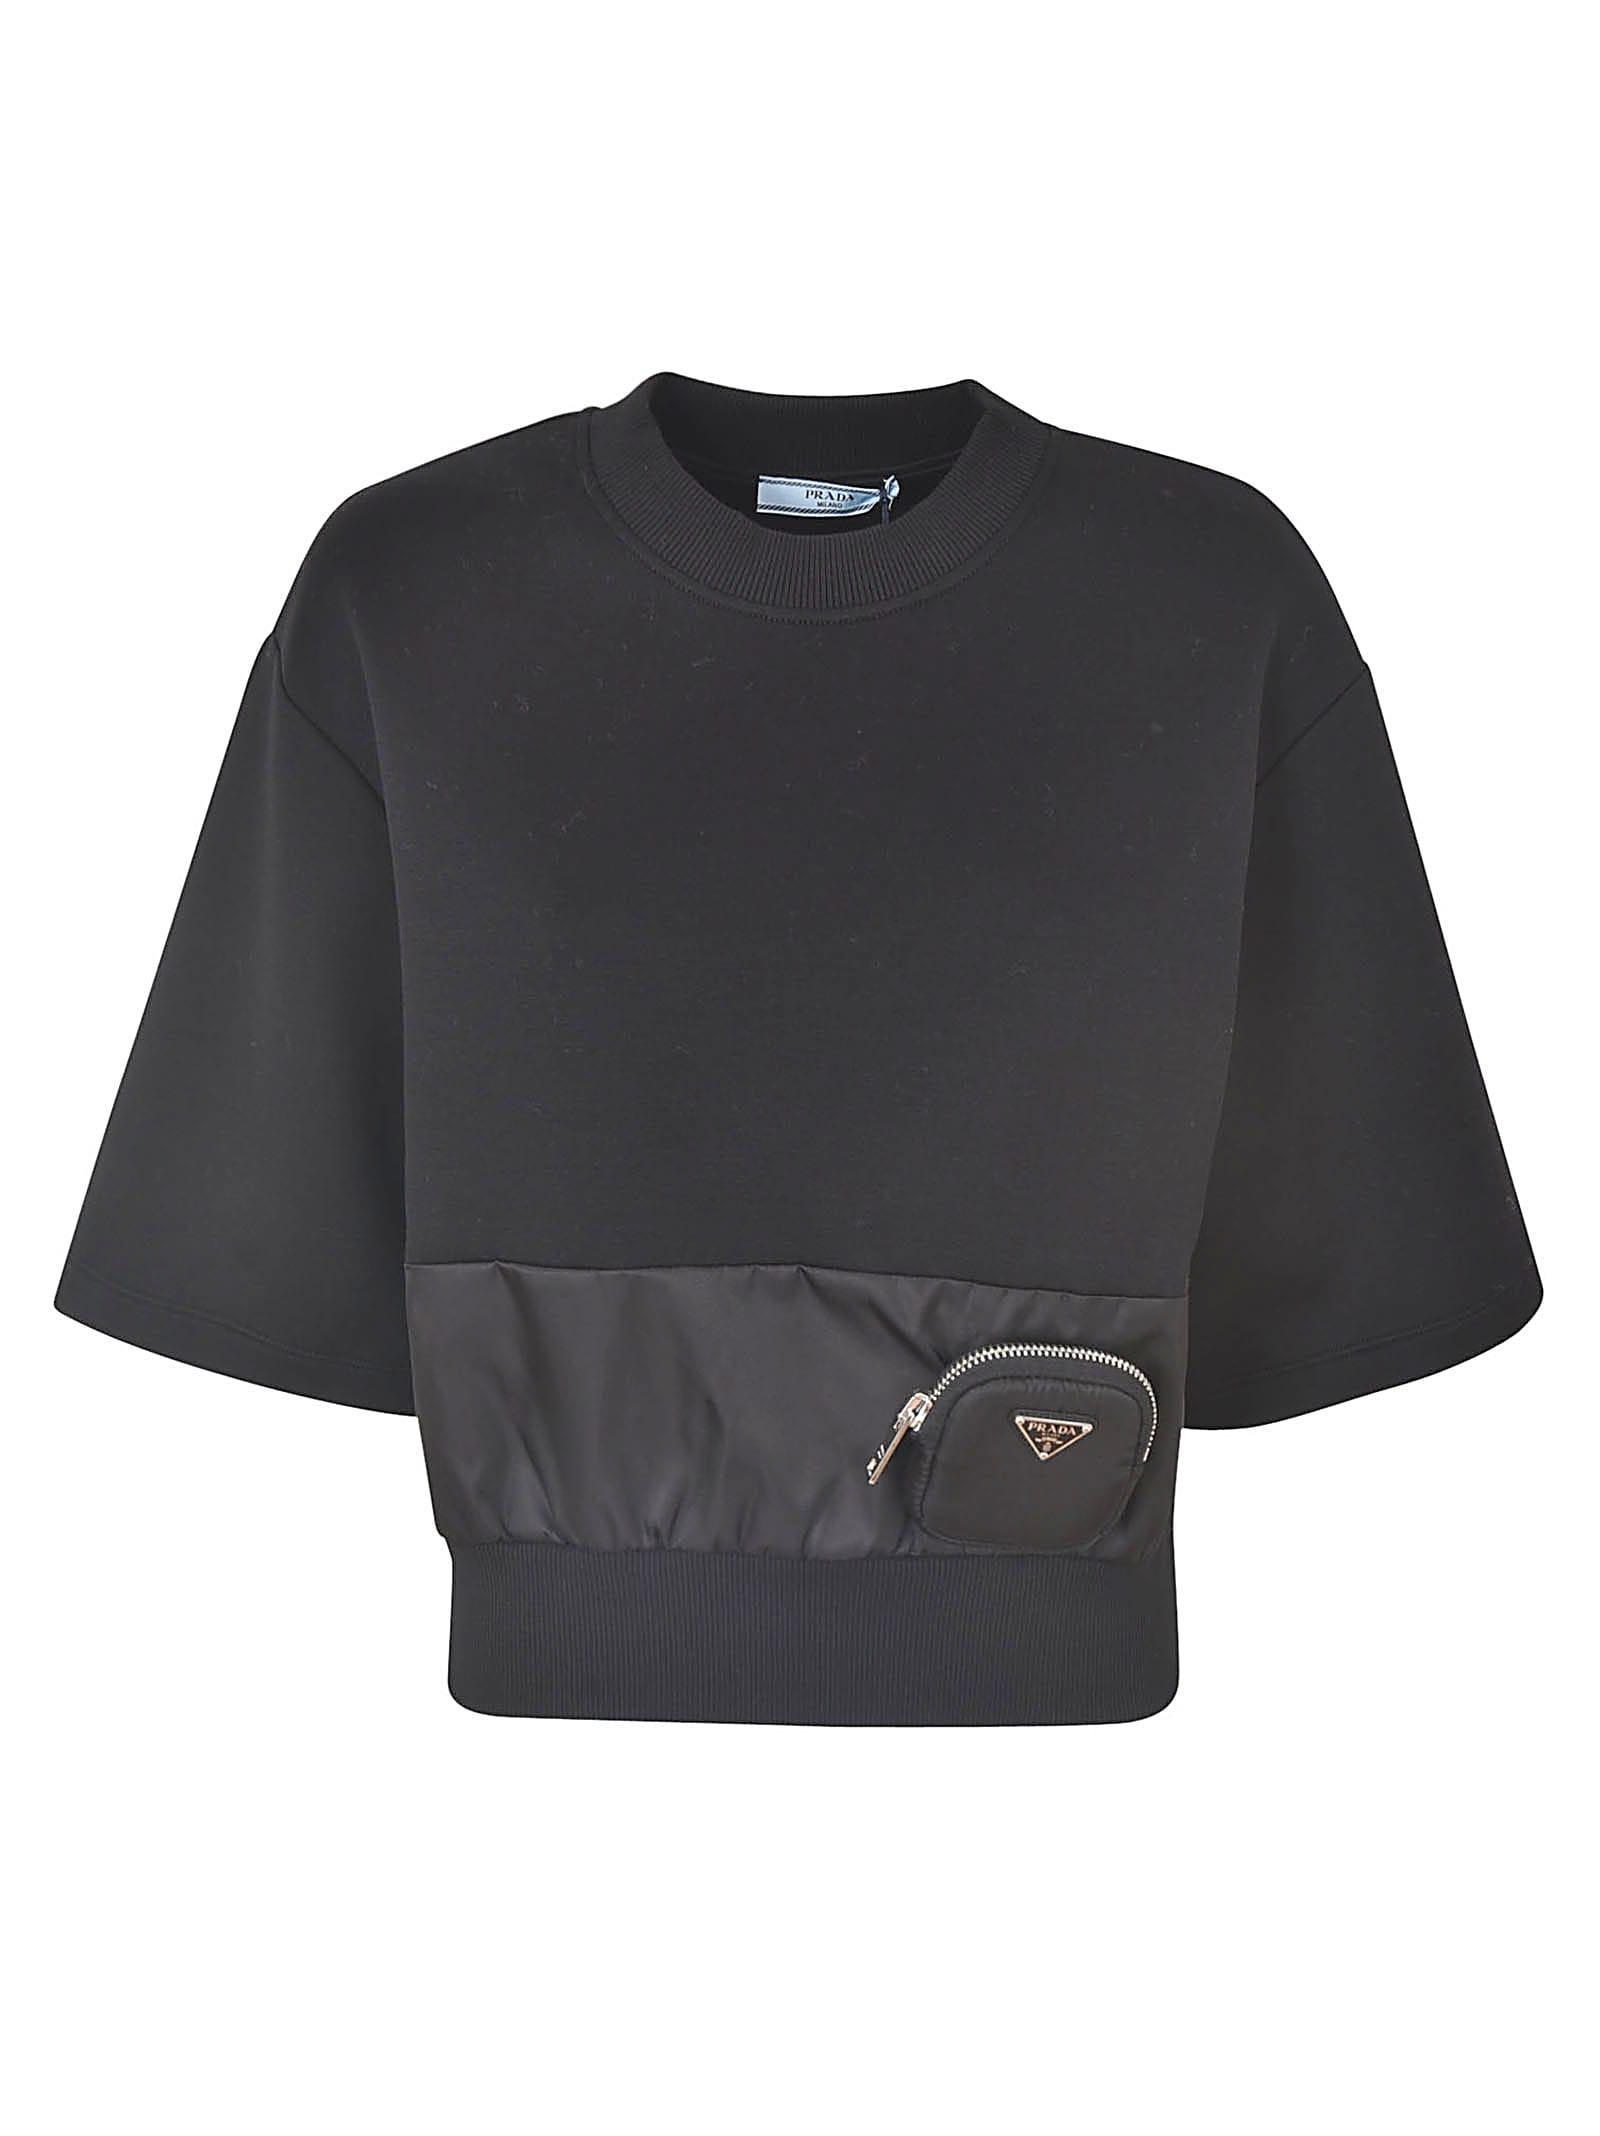 Prada Pocket Applique Top